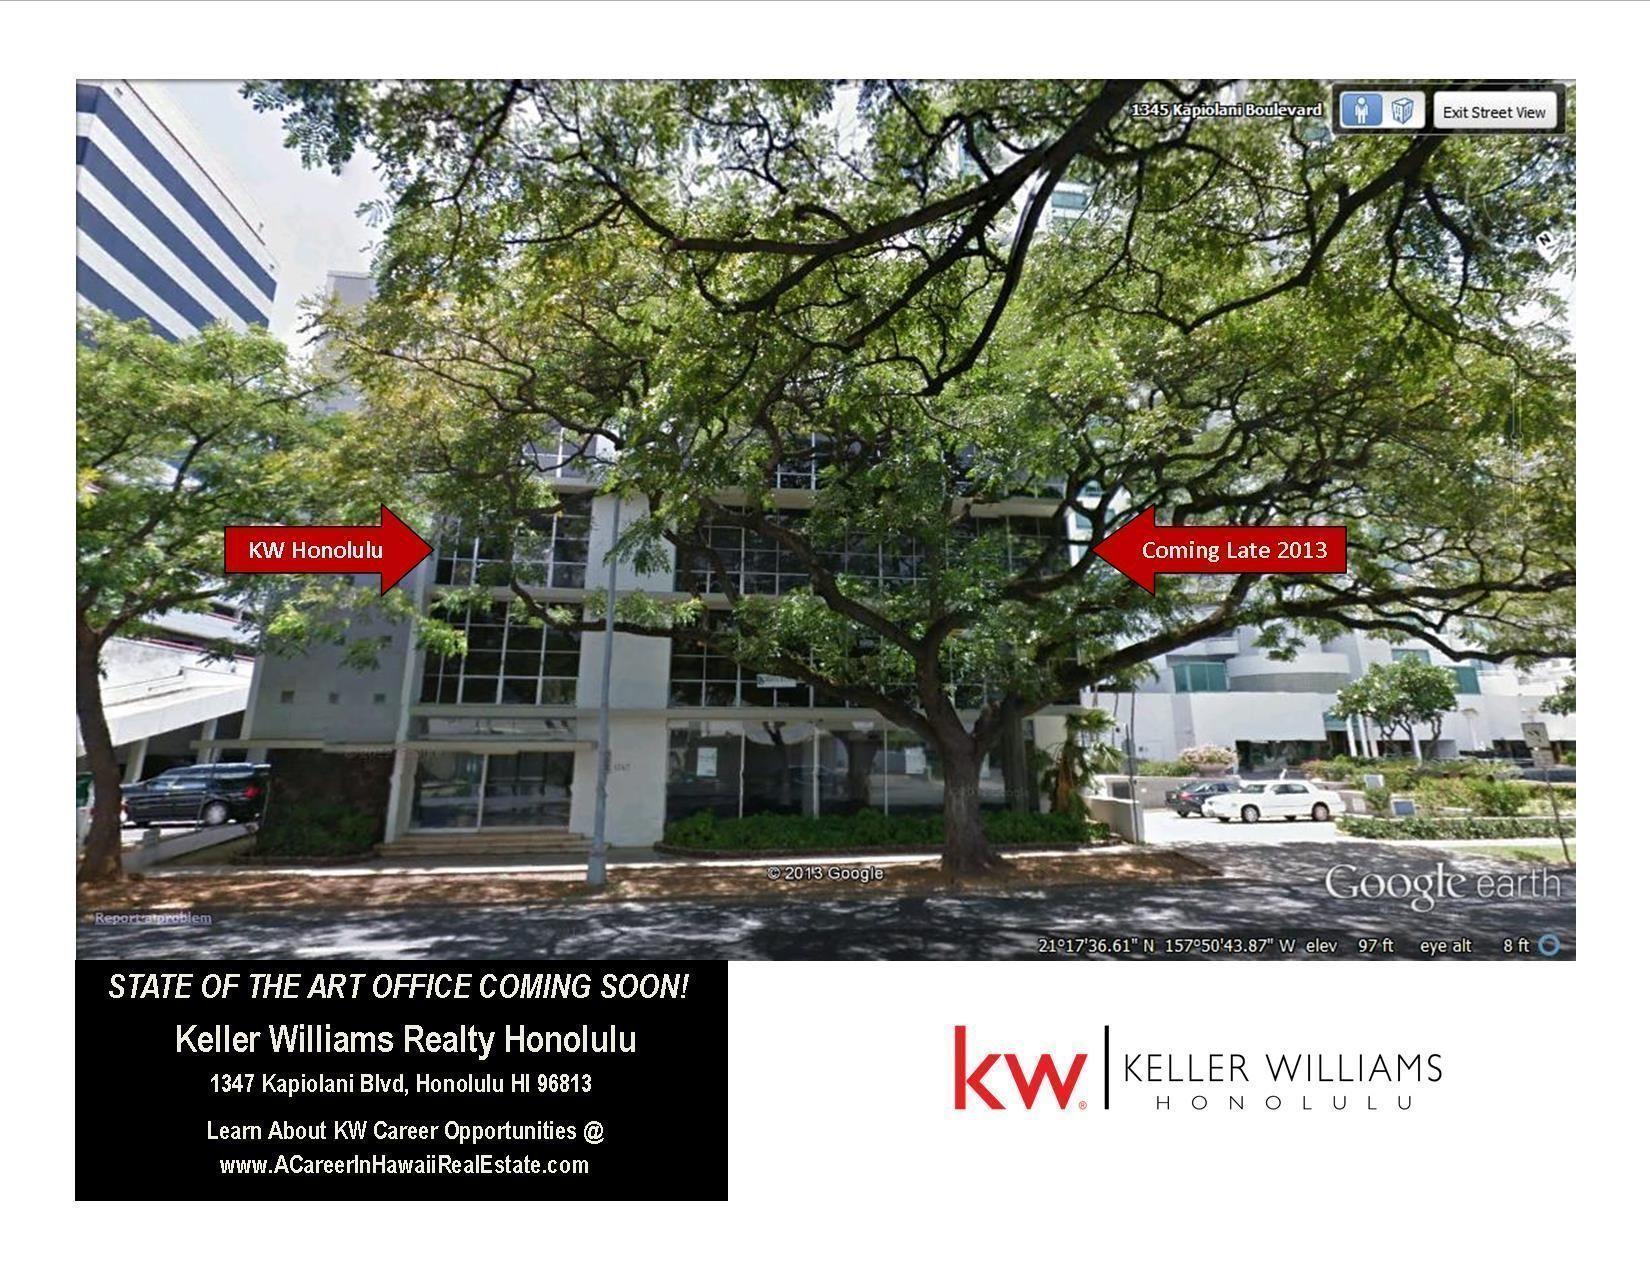 Keller Williams Honolulu Office COMING SOON